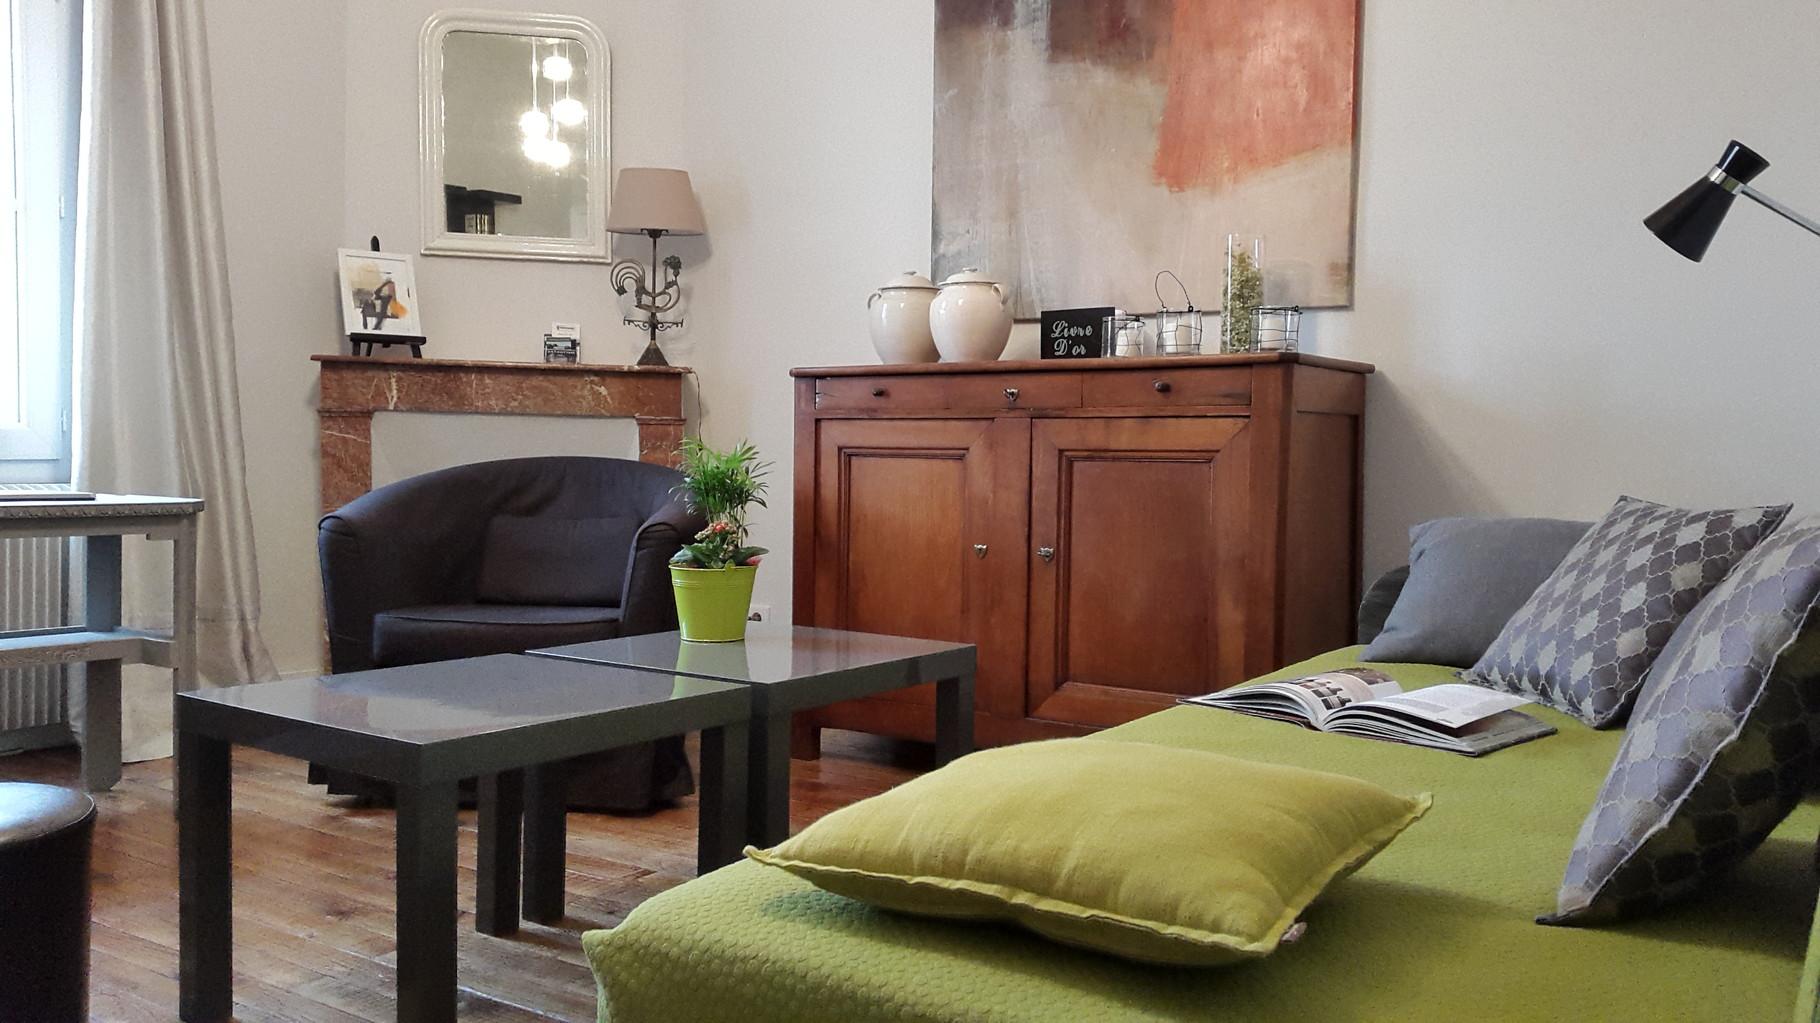 Le salon, est  le lieu central de la maison. Il est très cosy avec une jolie déco